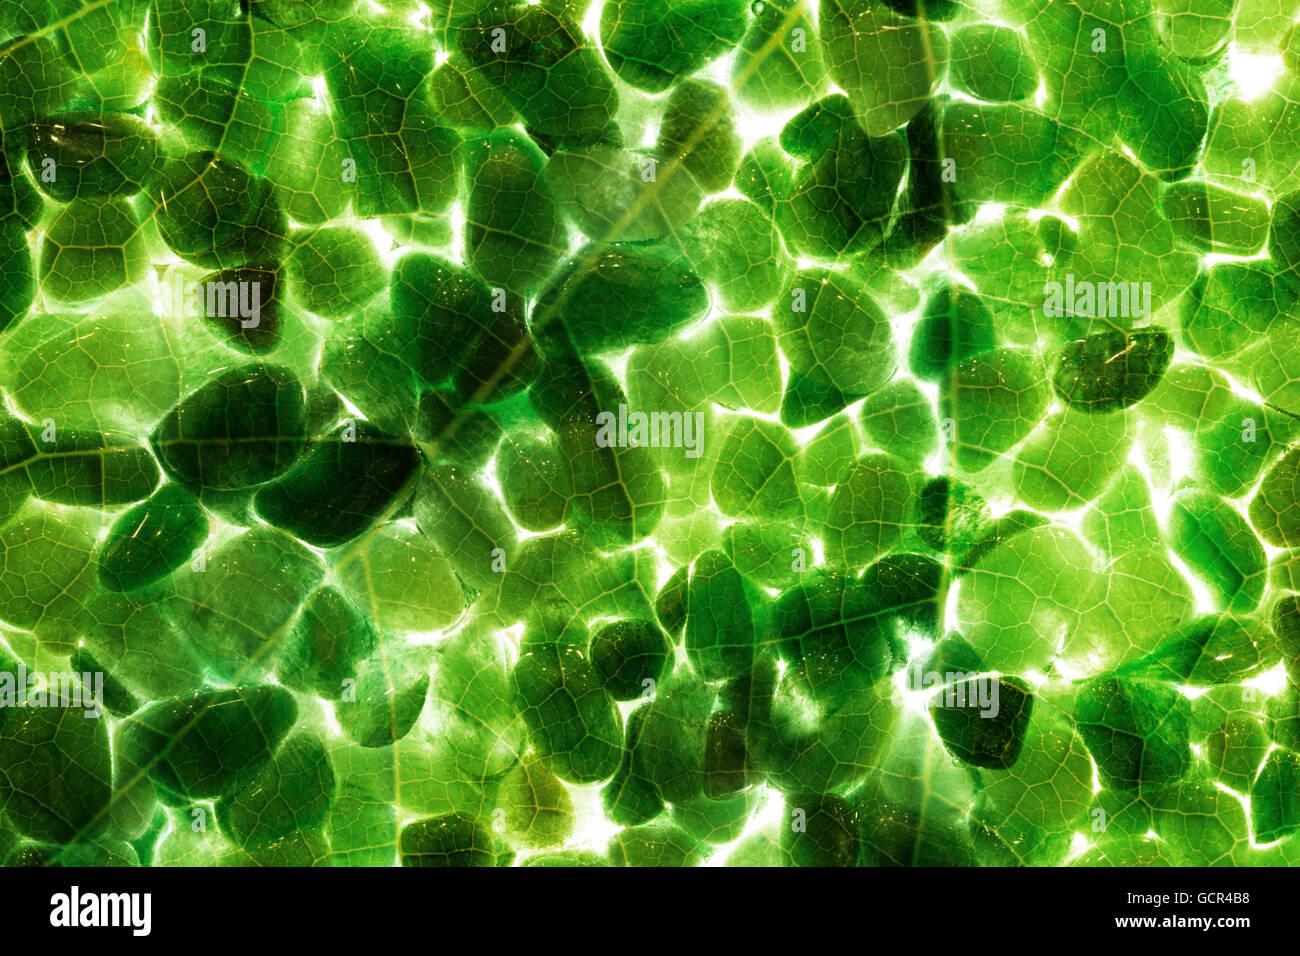 Piedras preciosas con formato completo reflejo de la estructura de las venas de una hoja, con una luz de fondo, iluminándolos con countours. Foto de stock